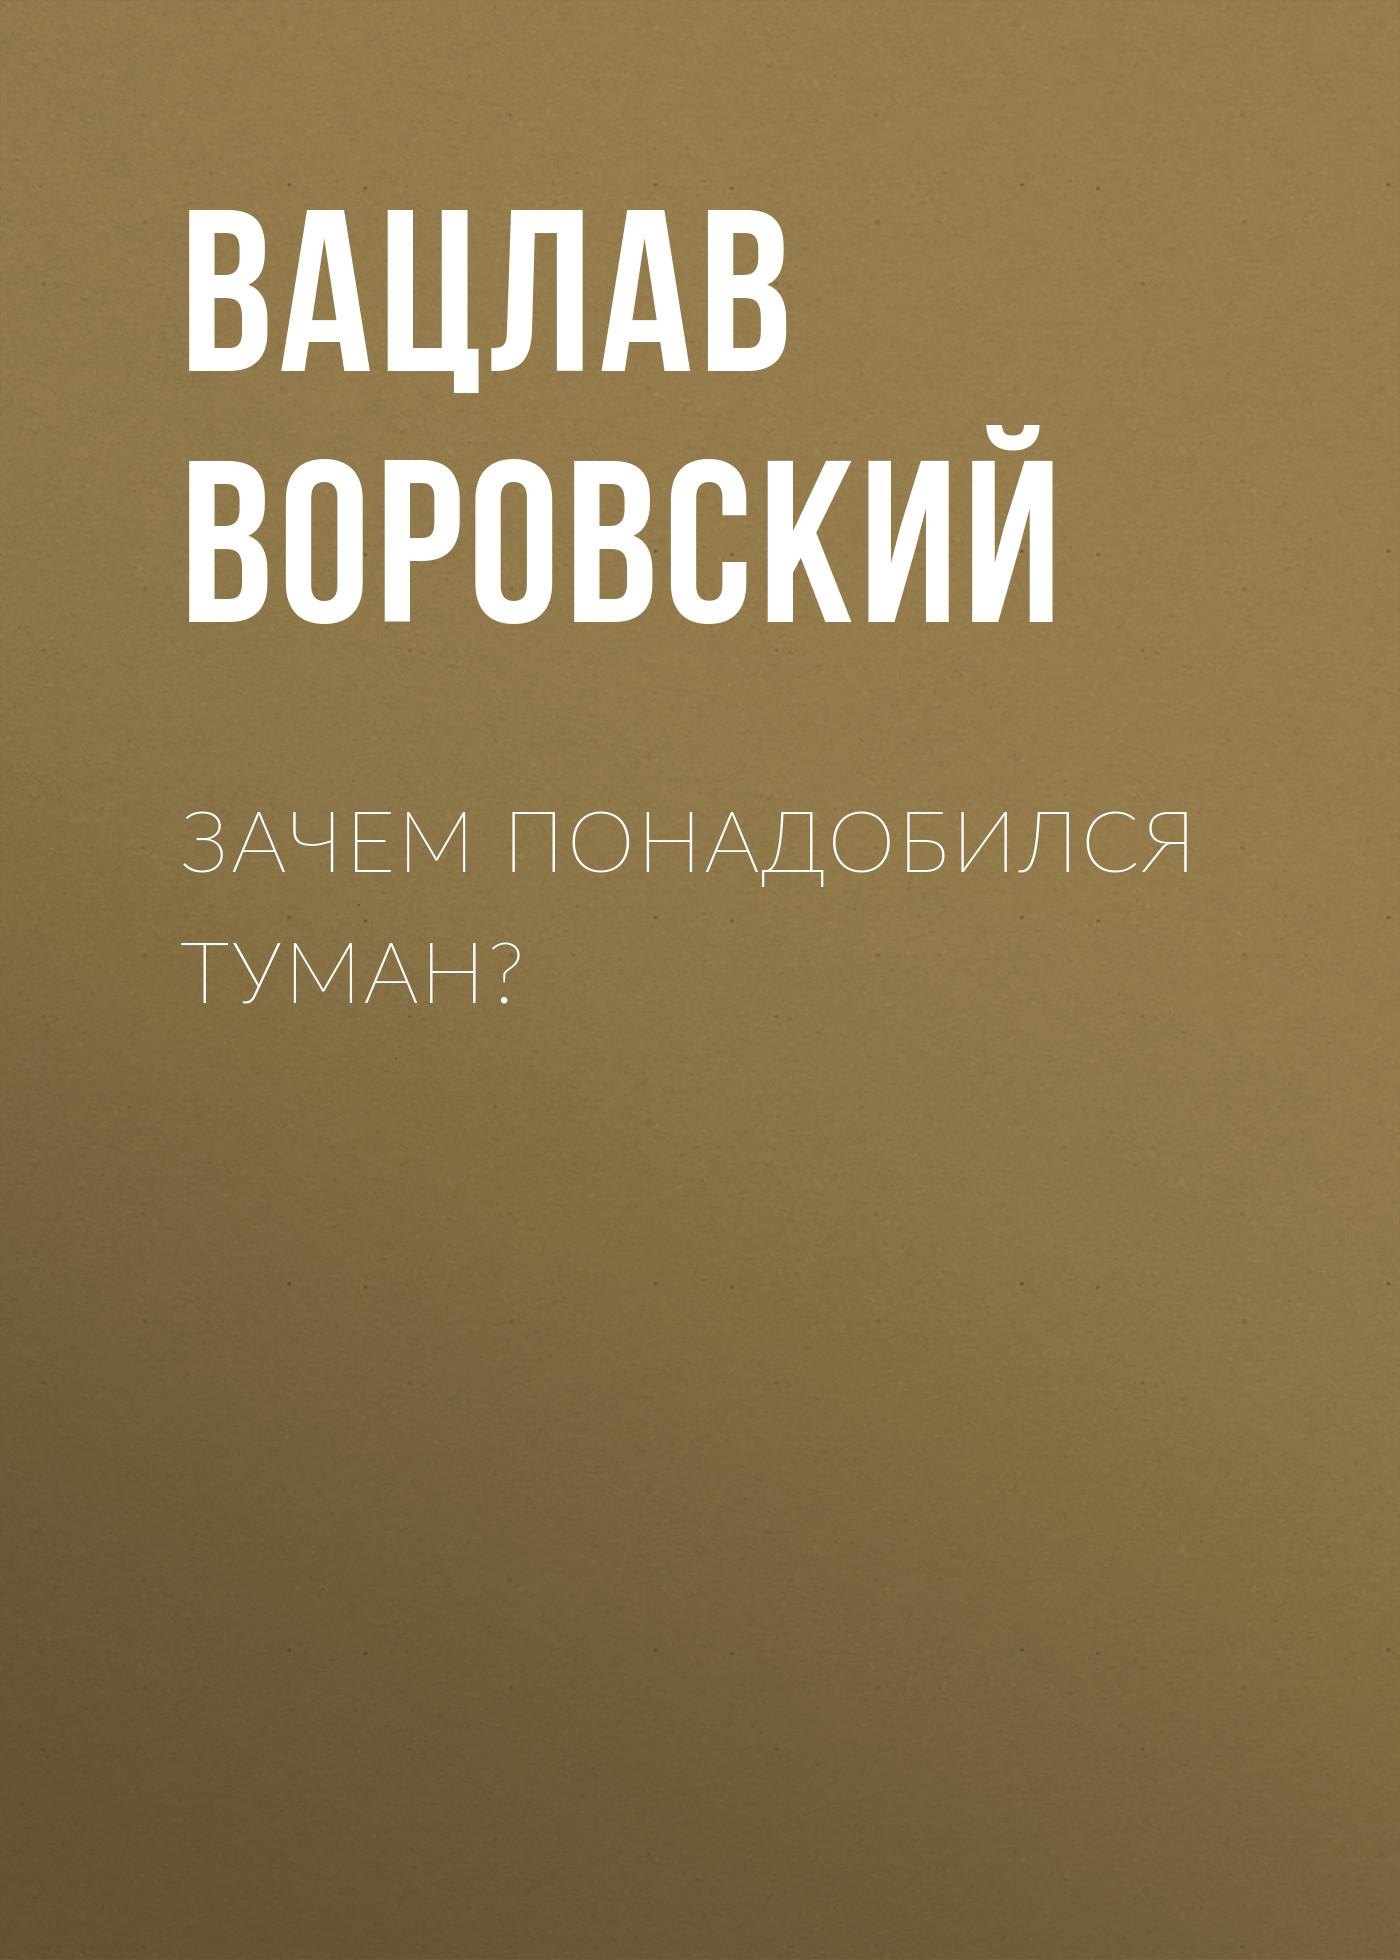 Вацлав Воровский Зачем понадобился туман? восьмой съезд писателей ссср стенографический отчет